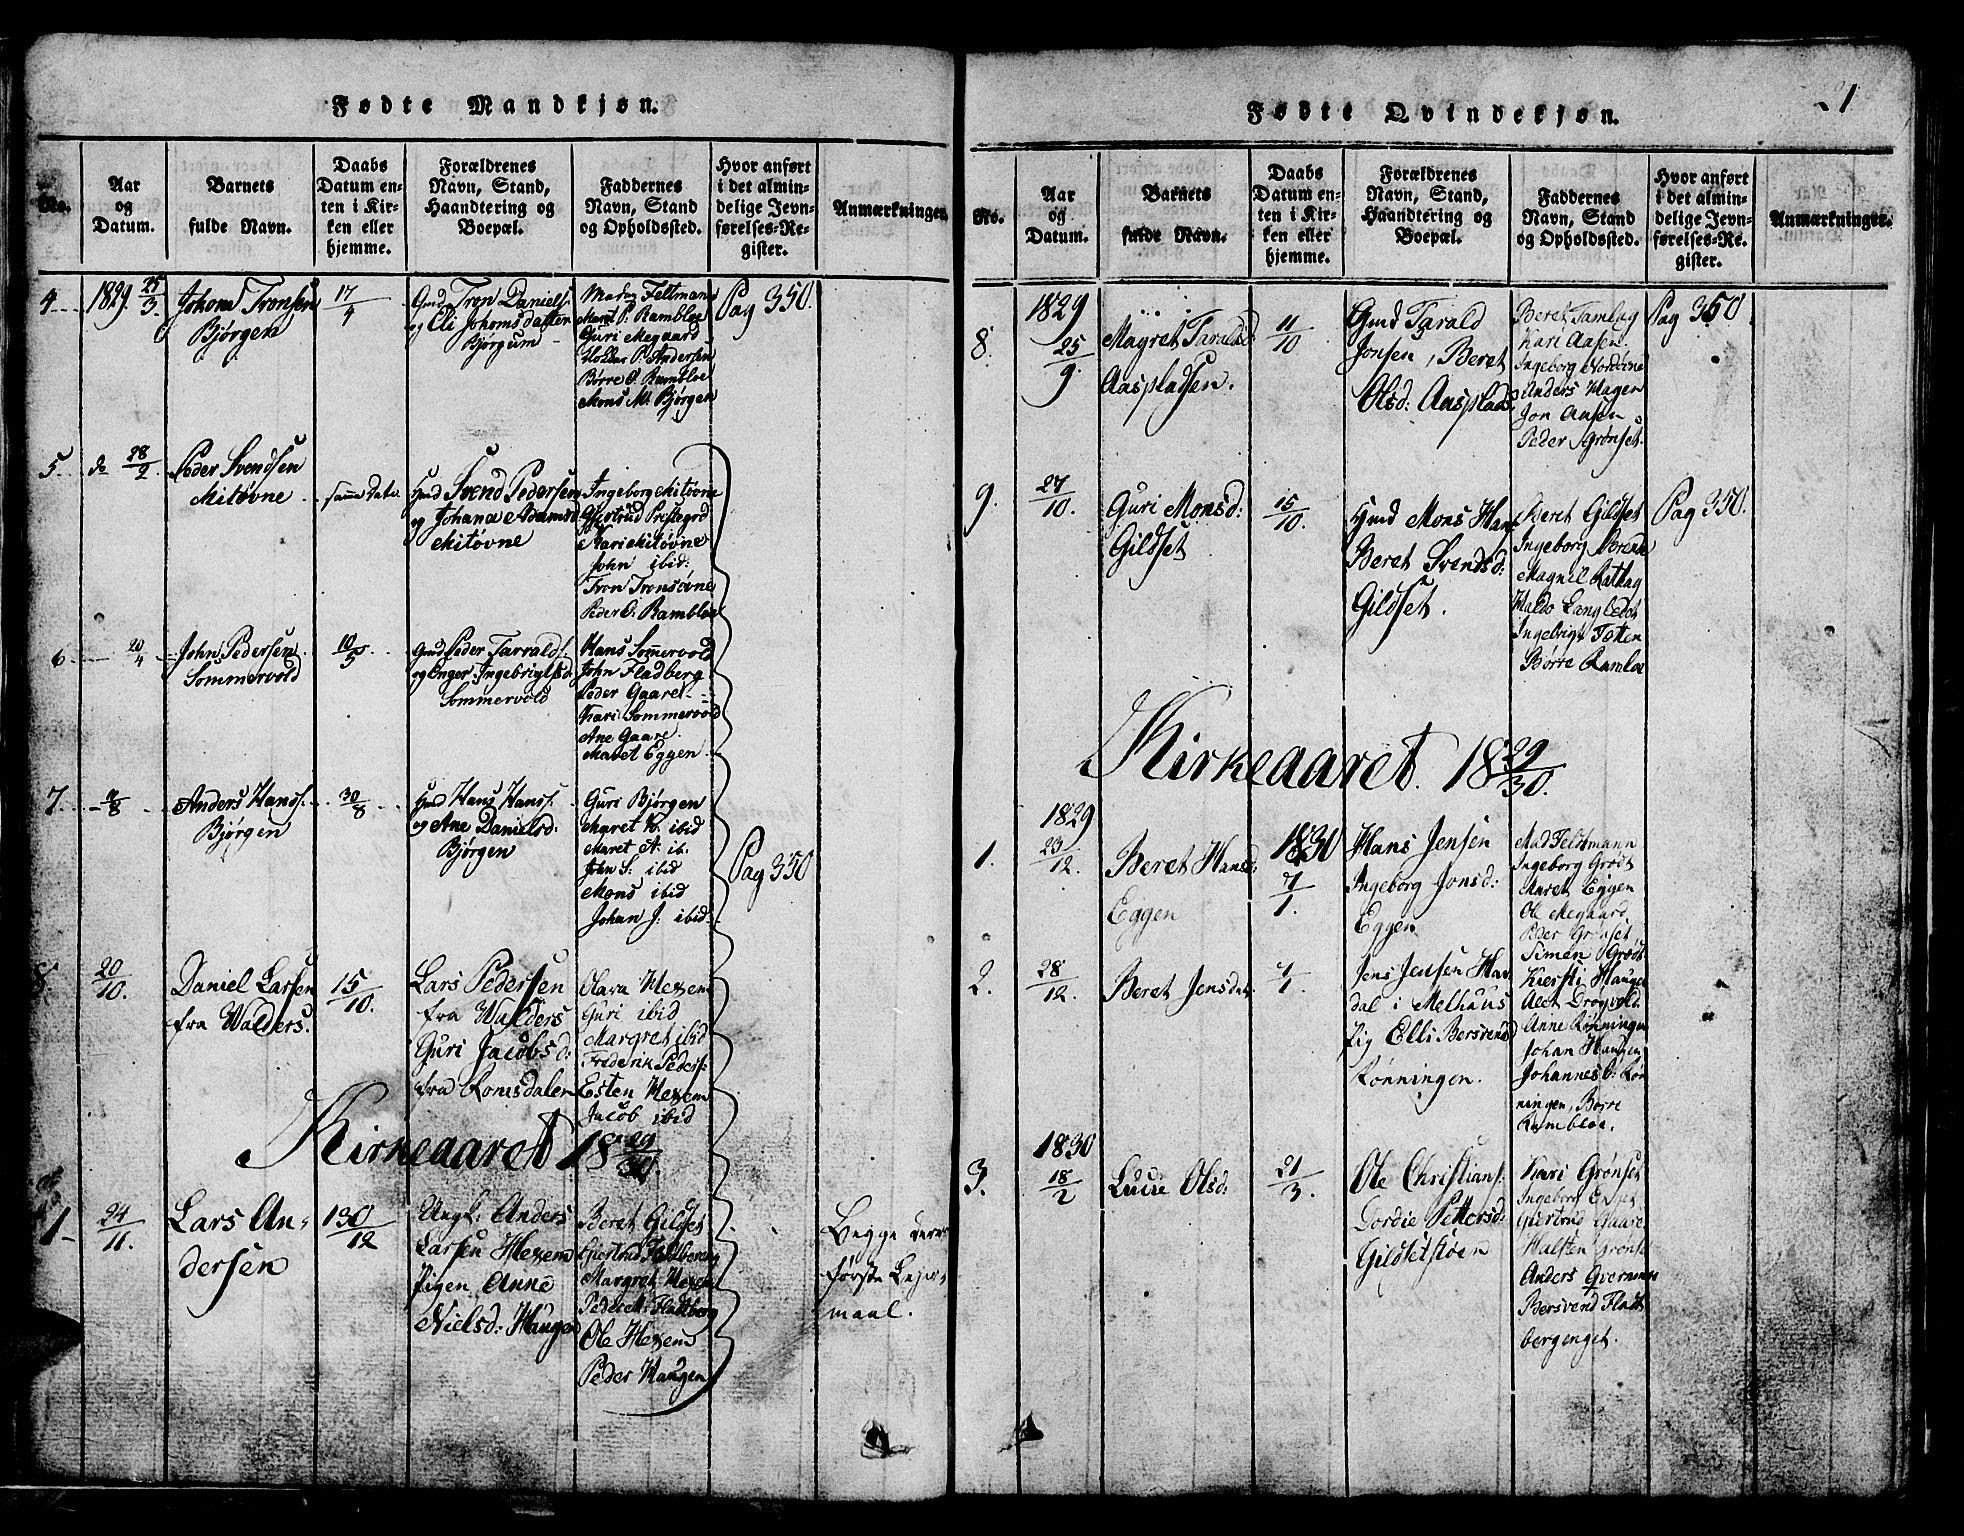 SAT, Ministerialprotokoller, klokkerbøker og fødselsregistre - Sør-Trøndelag, 685/L0976: Klokkerbok nr. 685C01, 1817-1878, s. 21